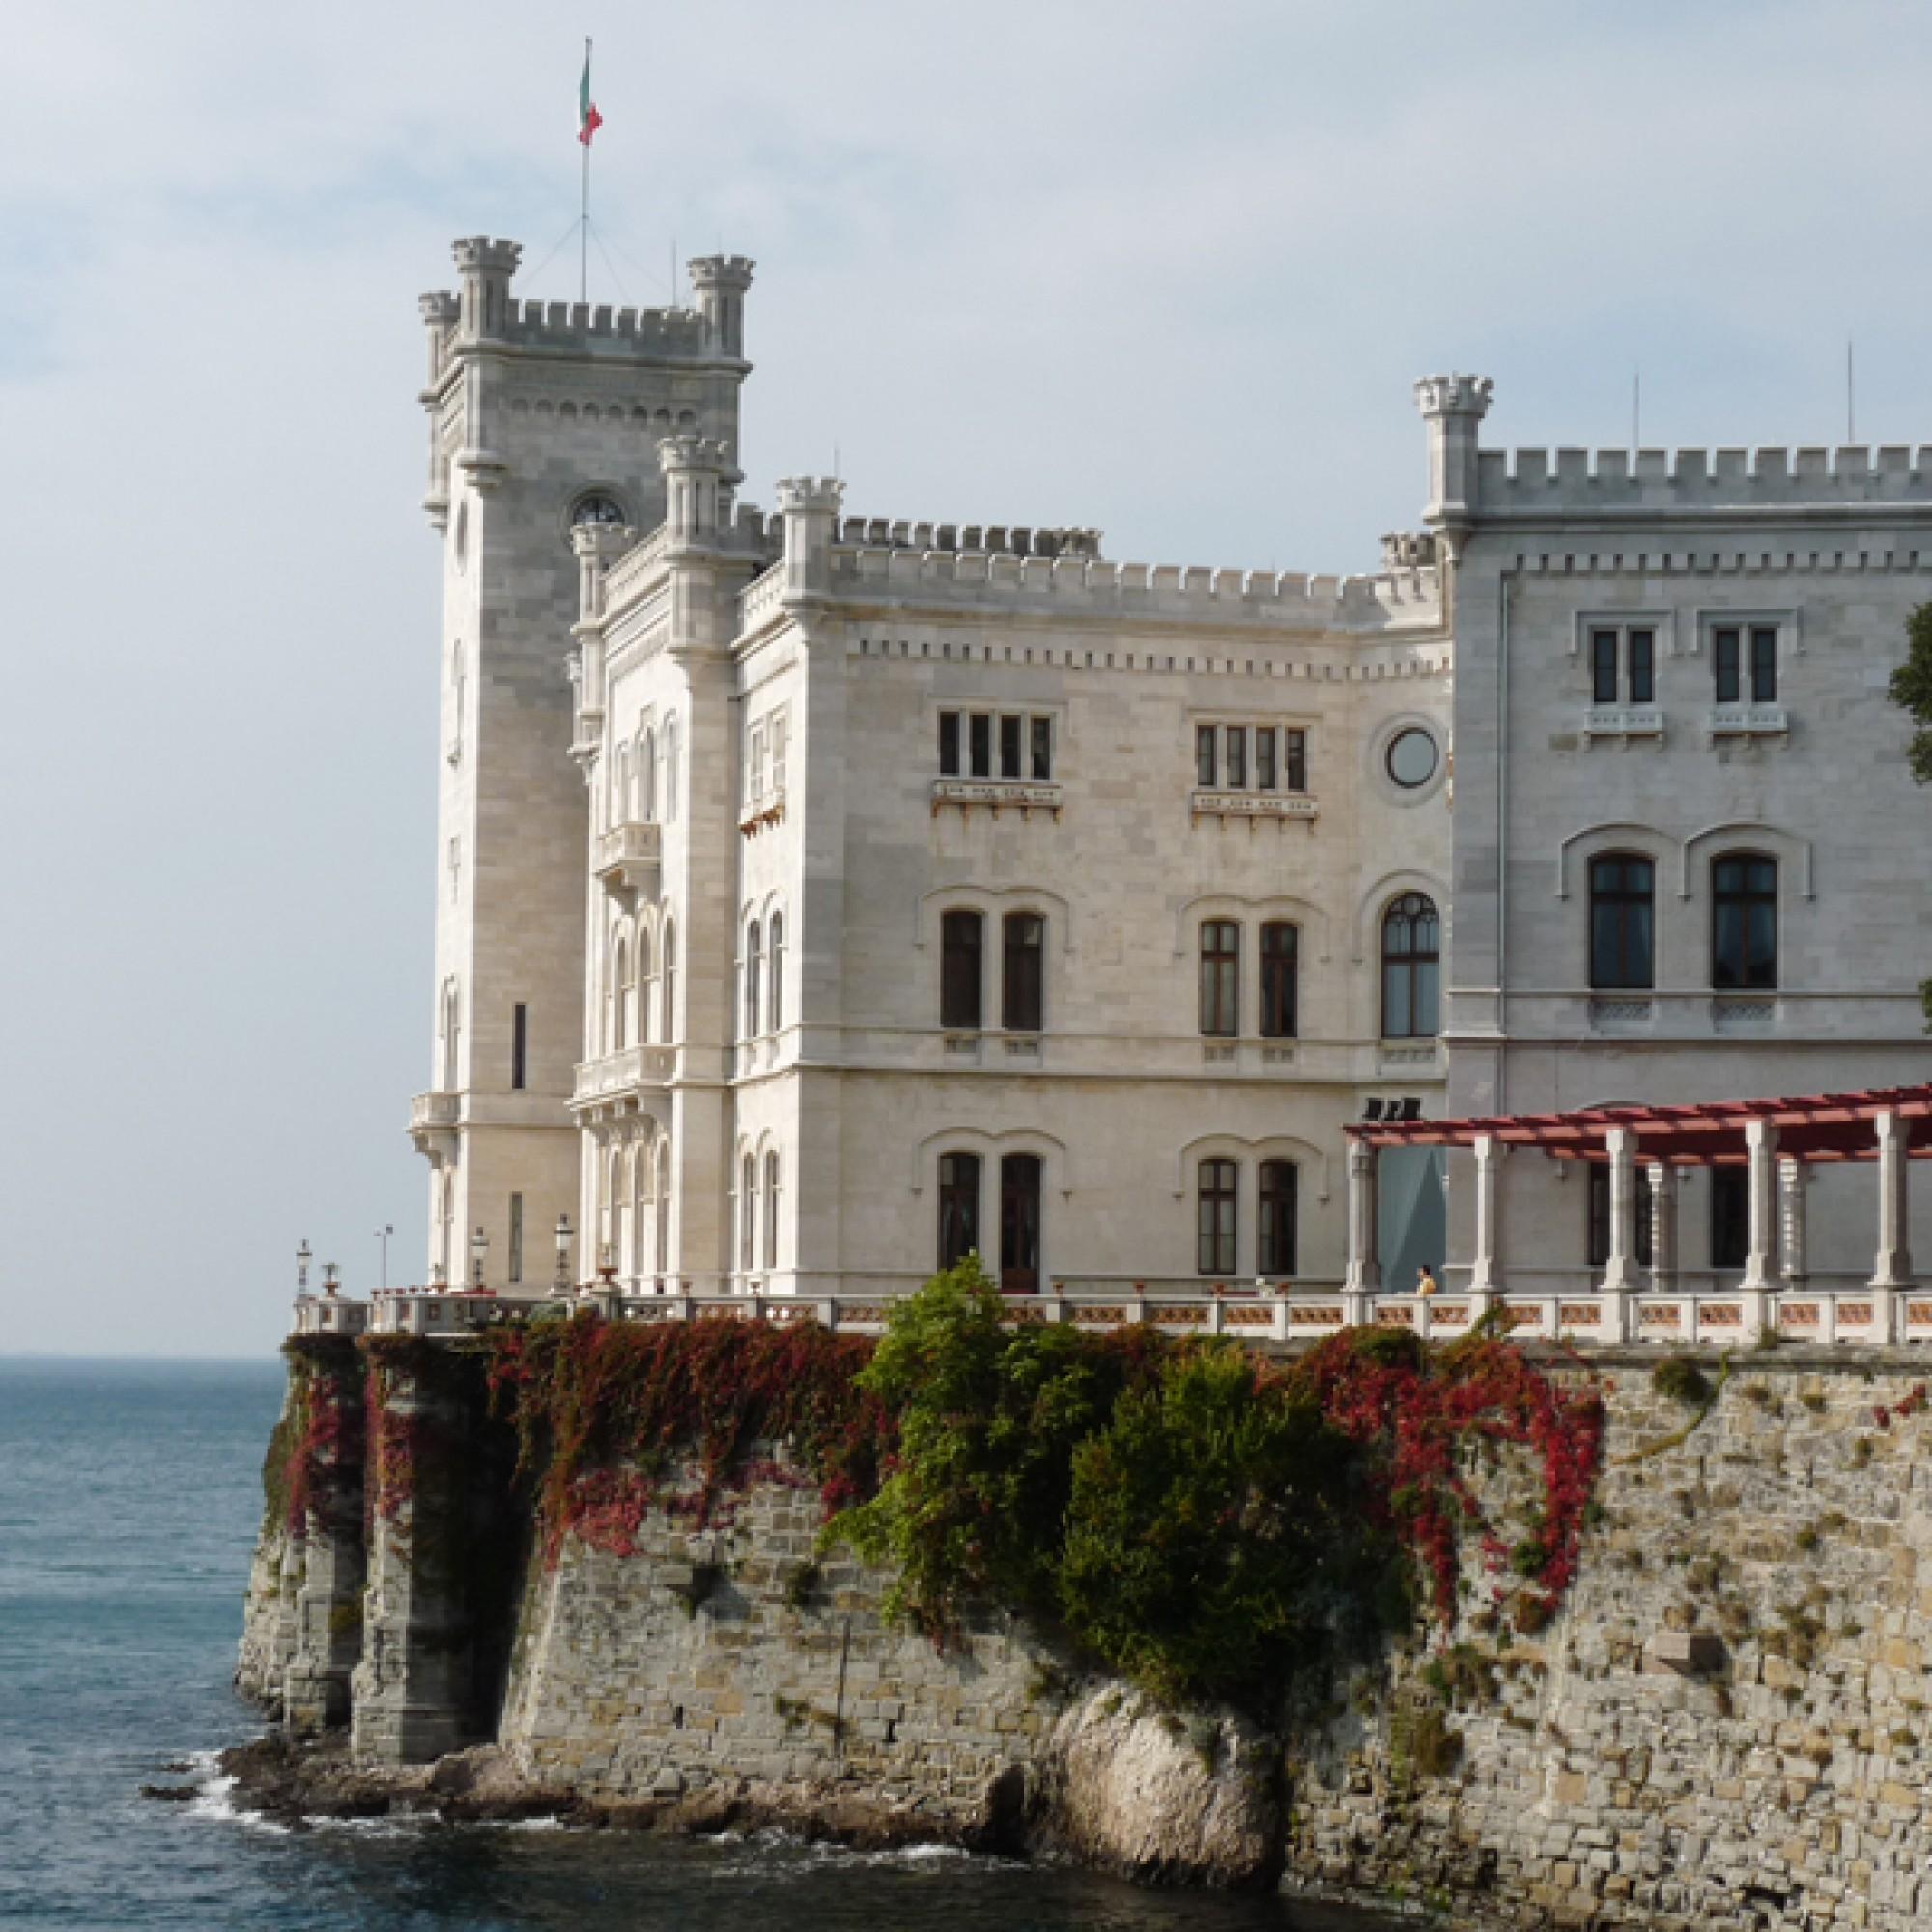 1,2 Millionen Euro werden für die Restaurierung des Parks und des Museums von Schloss Miramare nordwestlich von Triest zur Verfügung gestellt. Foto: Dieter Schütz-Pixelio.de)